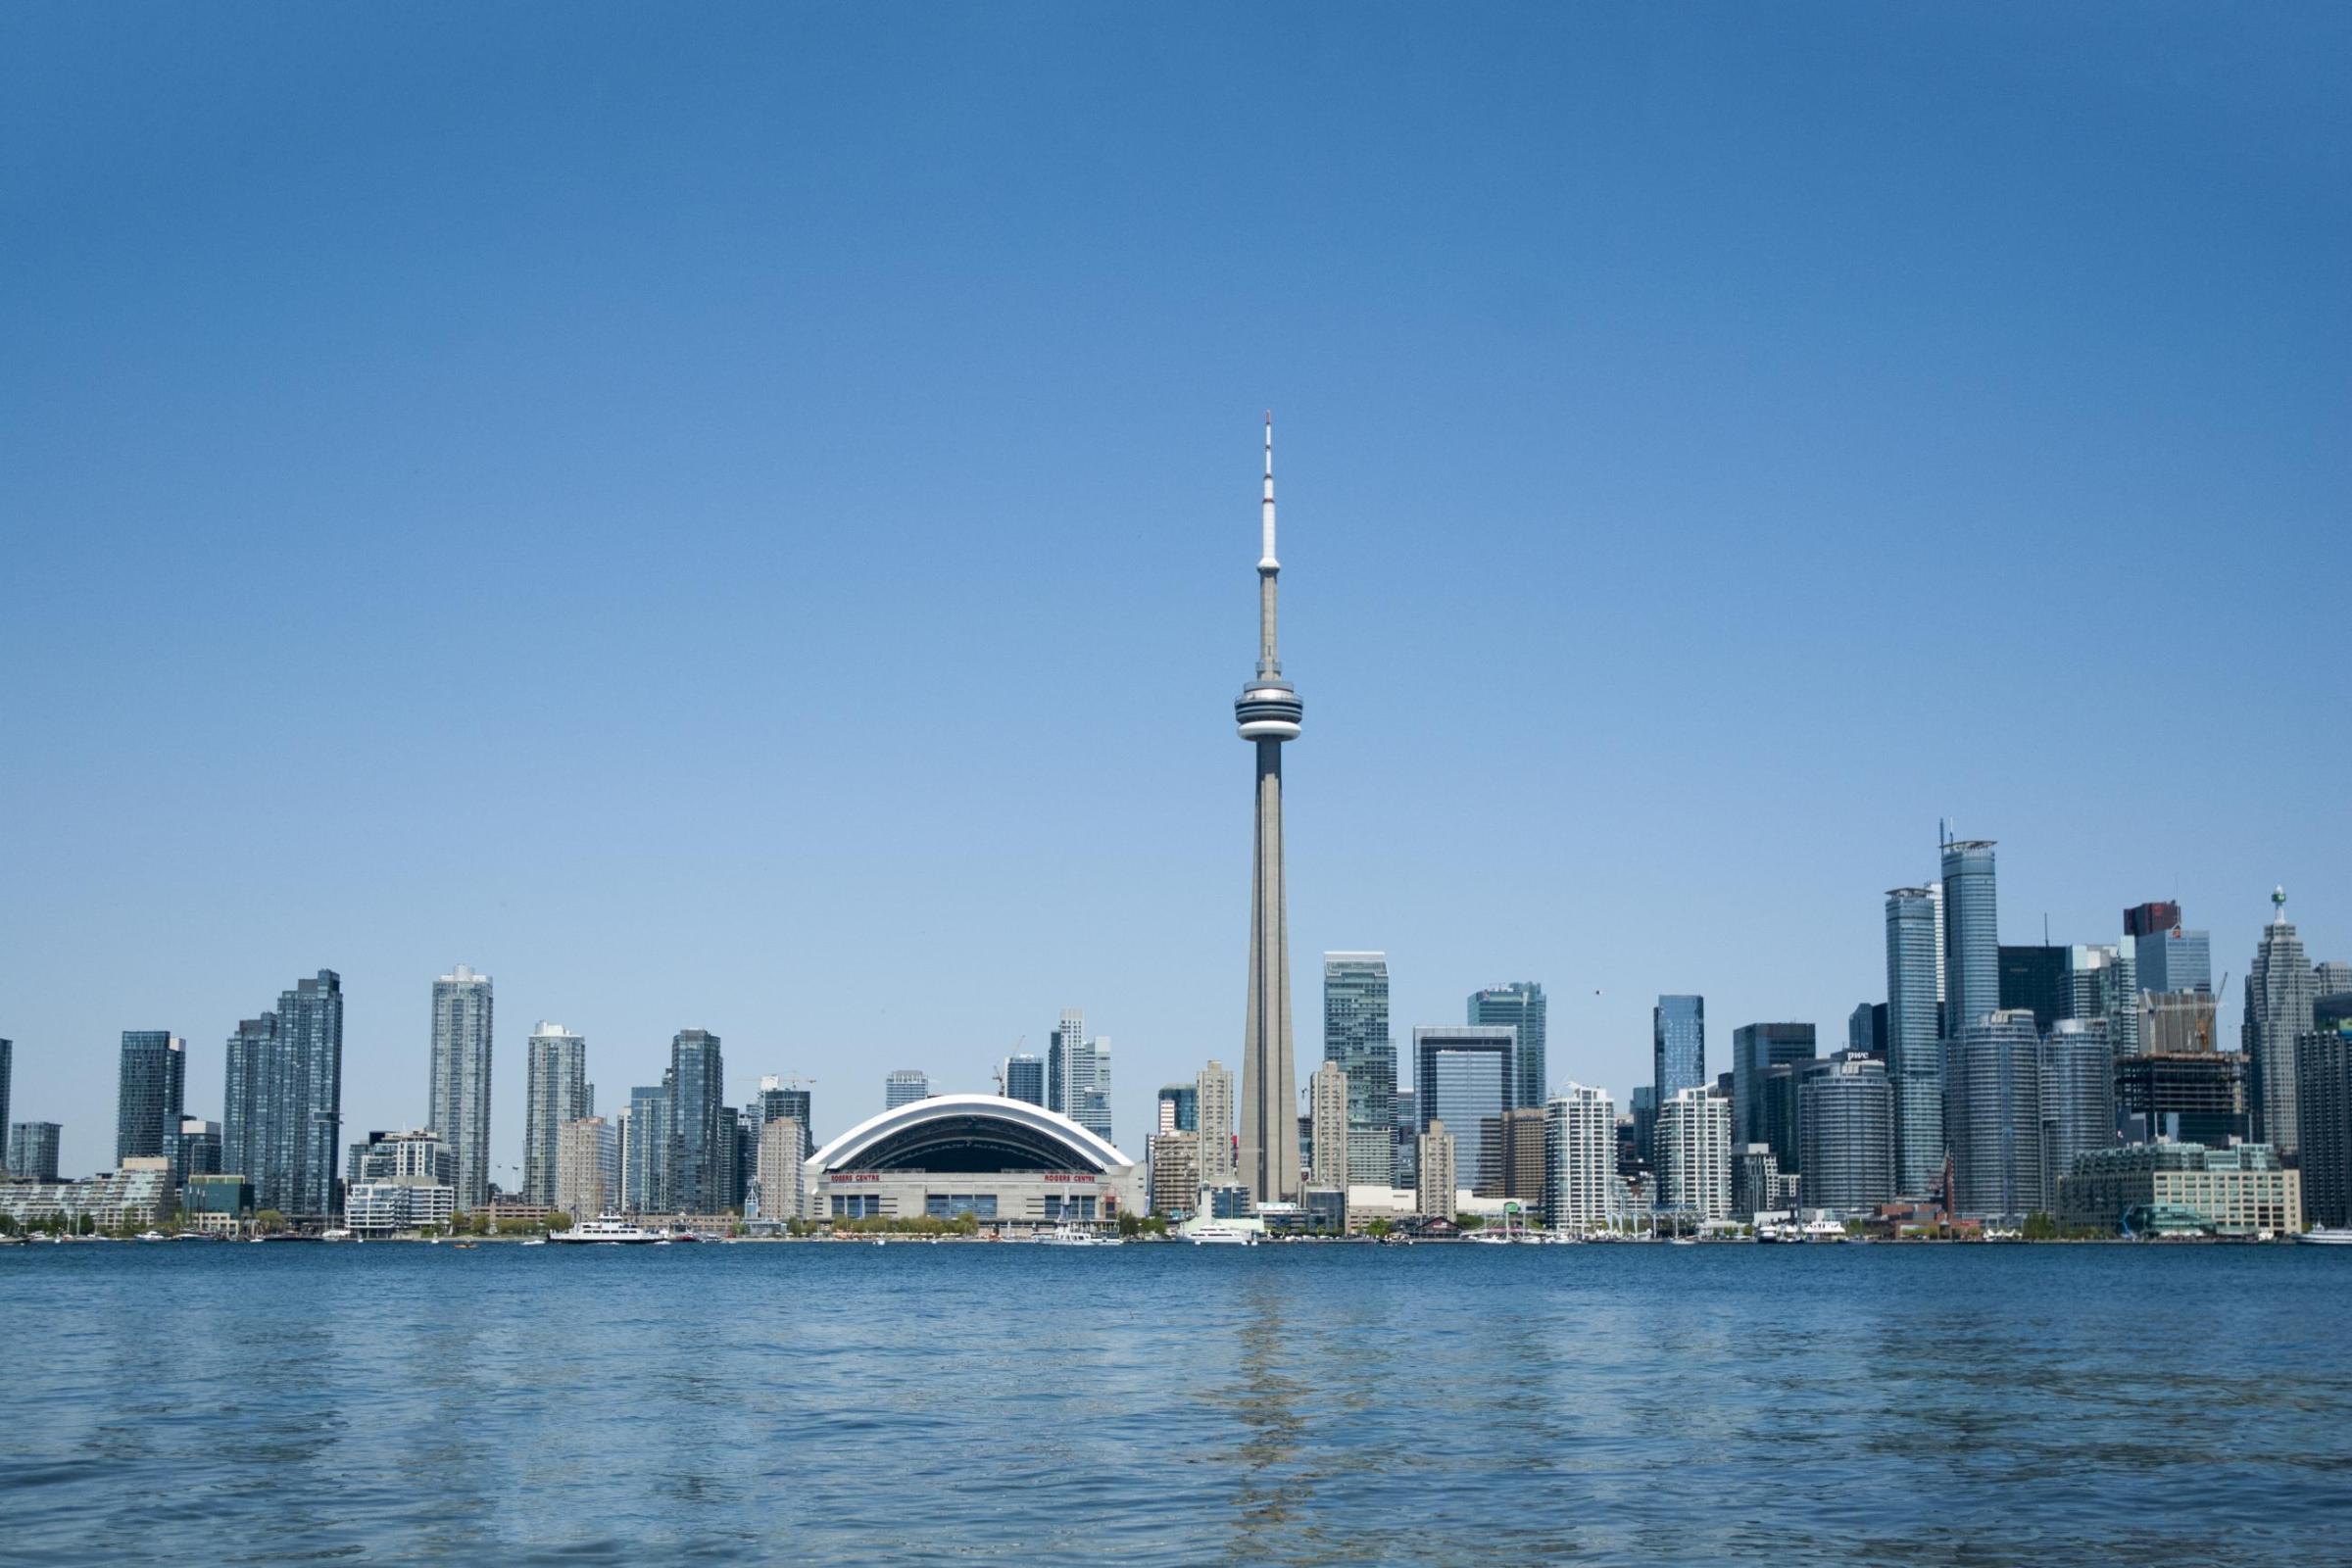 Le guide de voyage ultime 2017 sur Toronto